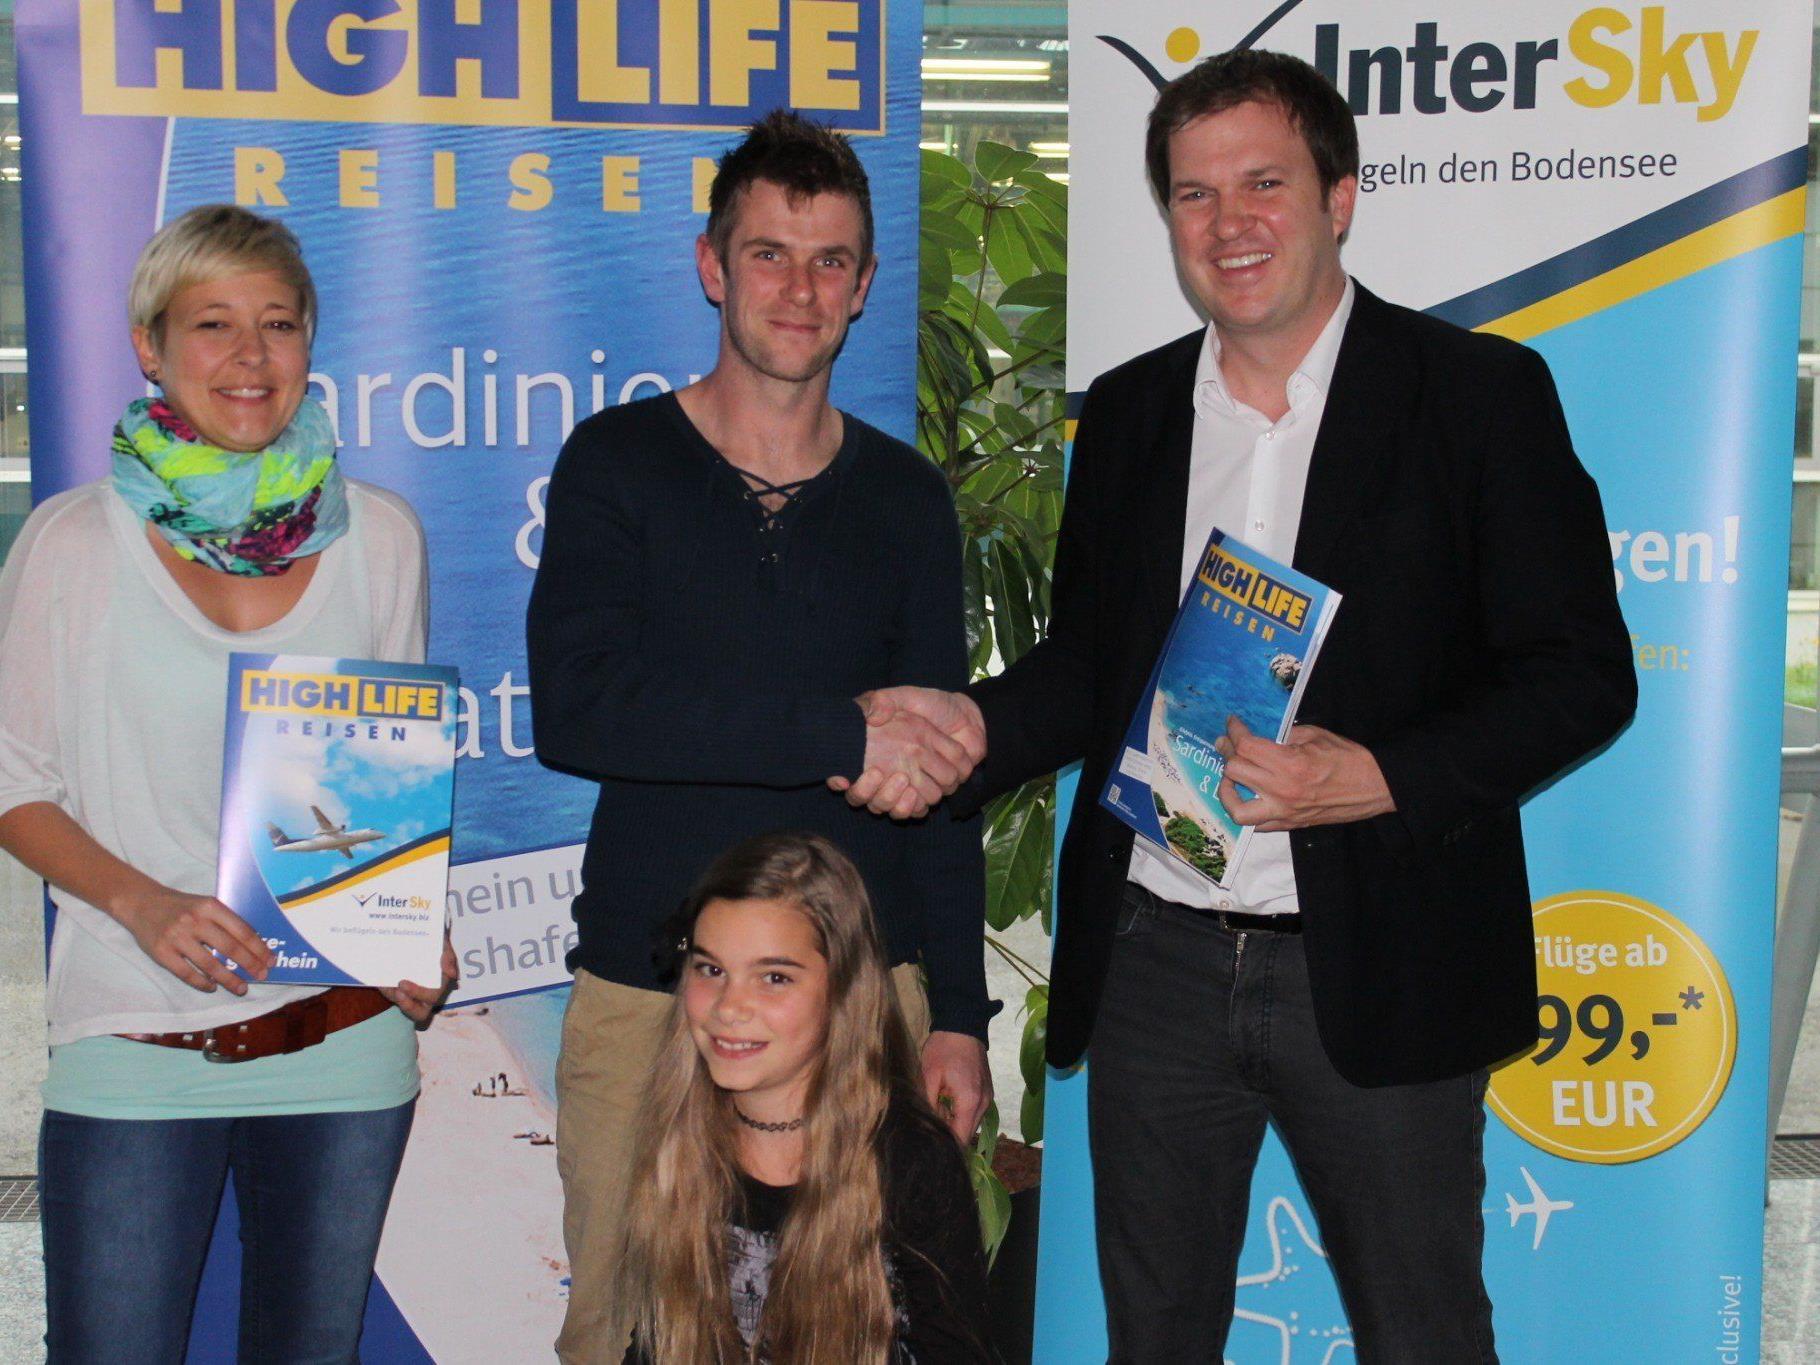 Der Gewinner Andreas Berger und seine Tochter gemeinsam mit Diana Kaplan (InterSky) und Michael Nachbaur (High Life Reisen).